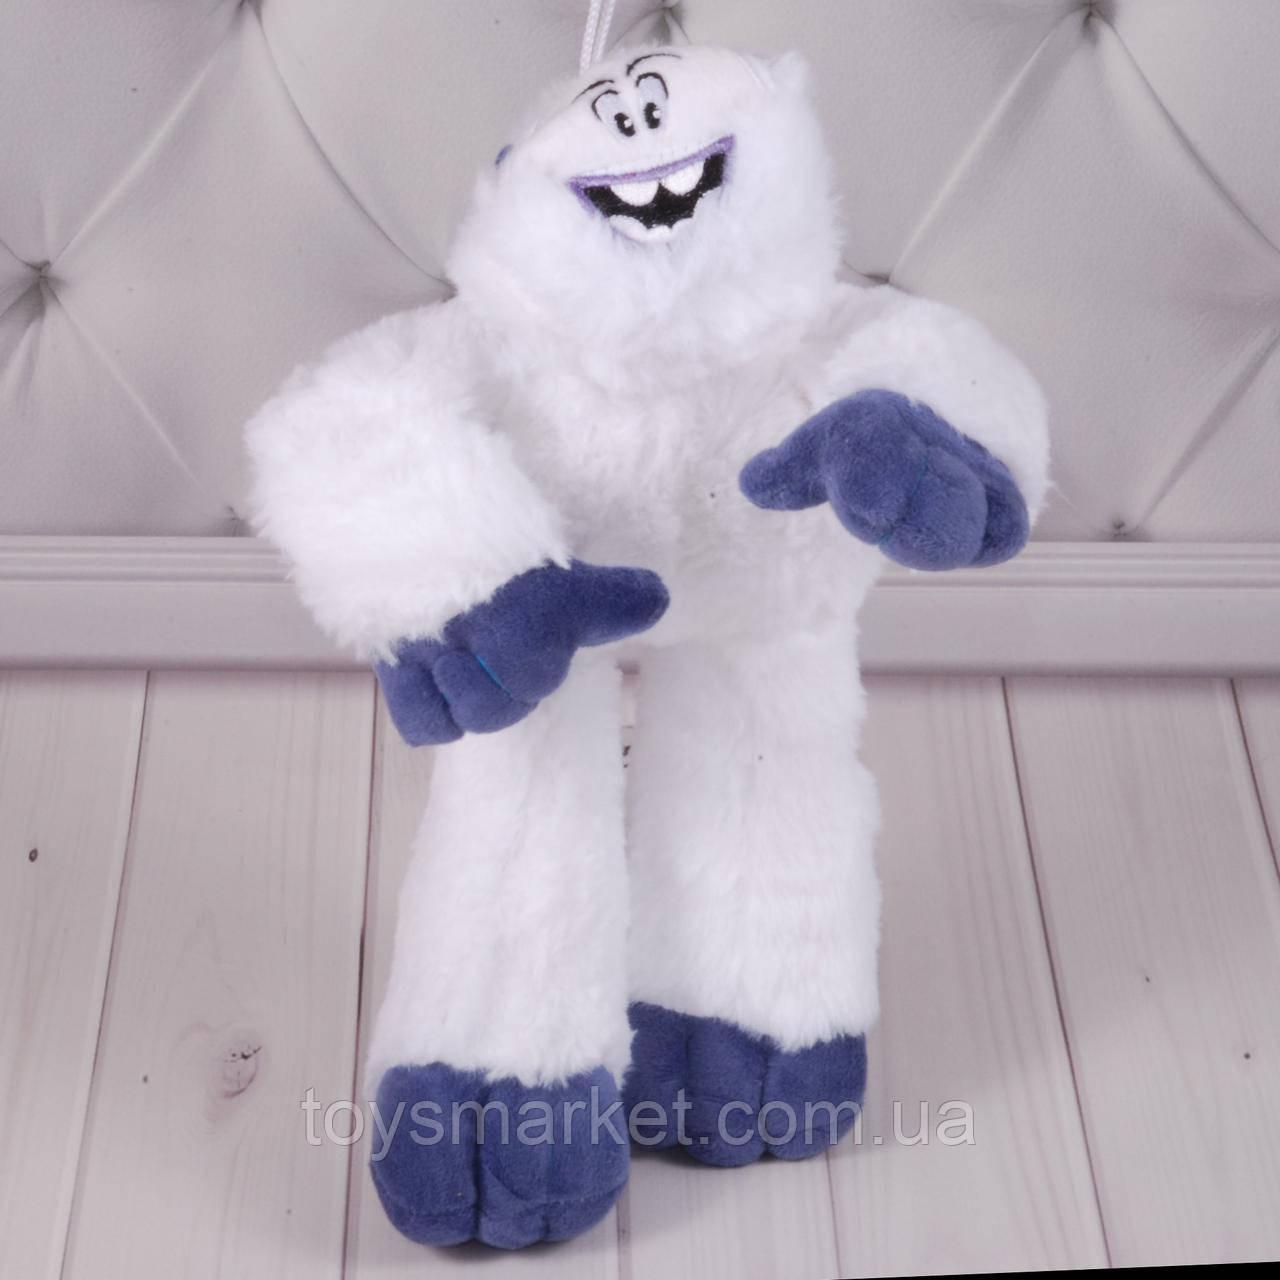 """Мягкая игрушка йети Миго, плюшевый снежный человек Migo, игрушки из """"Смолфут"""", """"SmallFoot"""""""